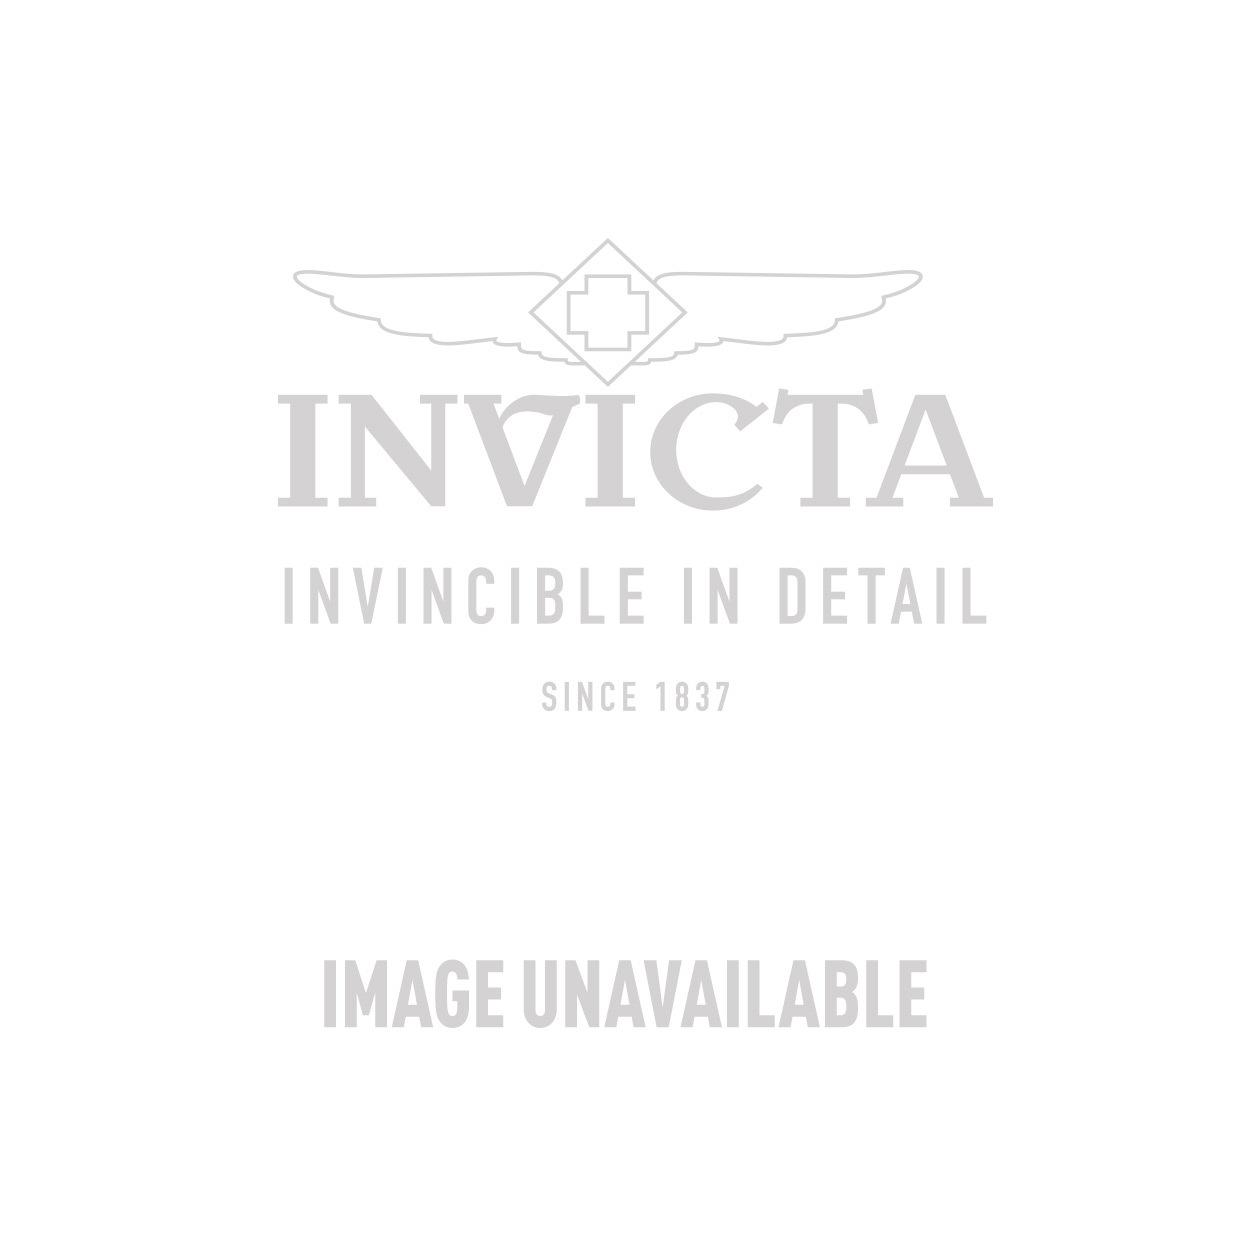 Invicta Model 25380